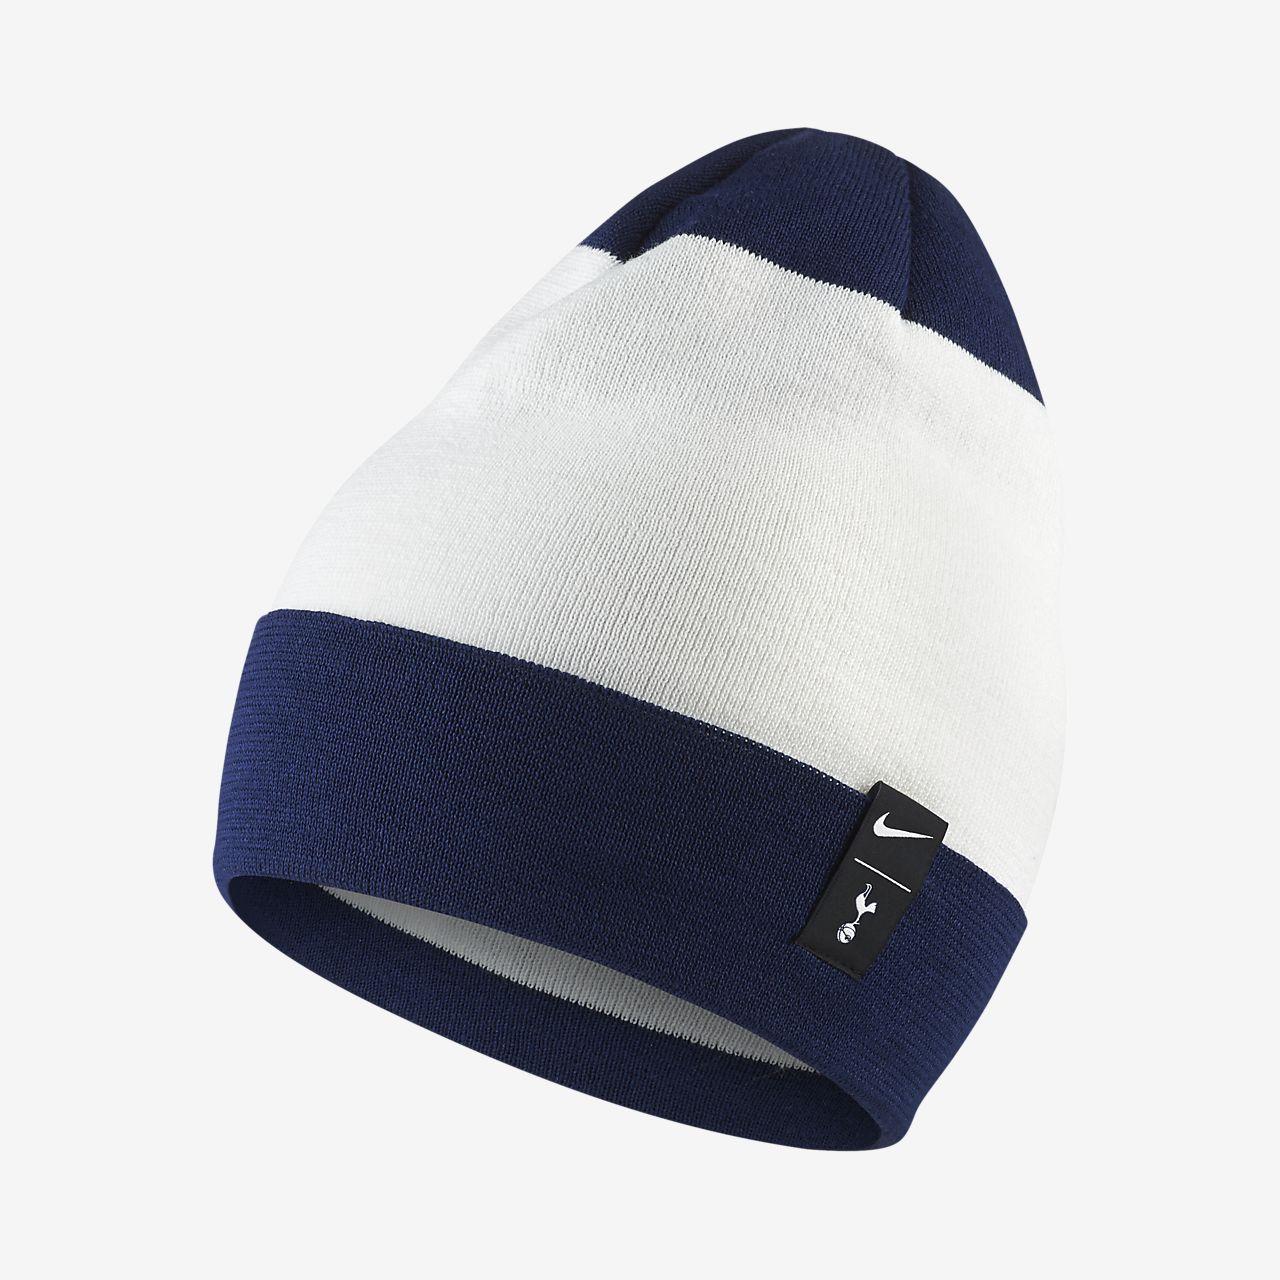 Tottenham Hotspur FC Dri-FIT Beanie. Nike.com AU 363a0a6f666